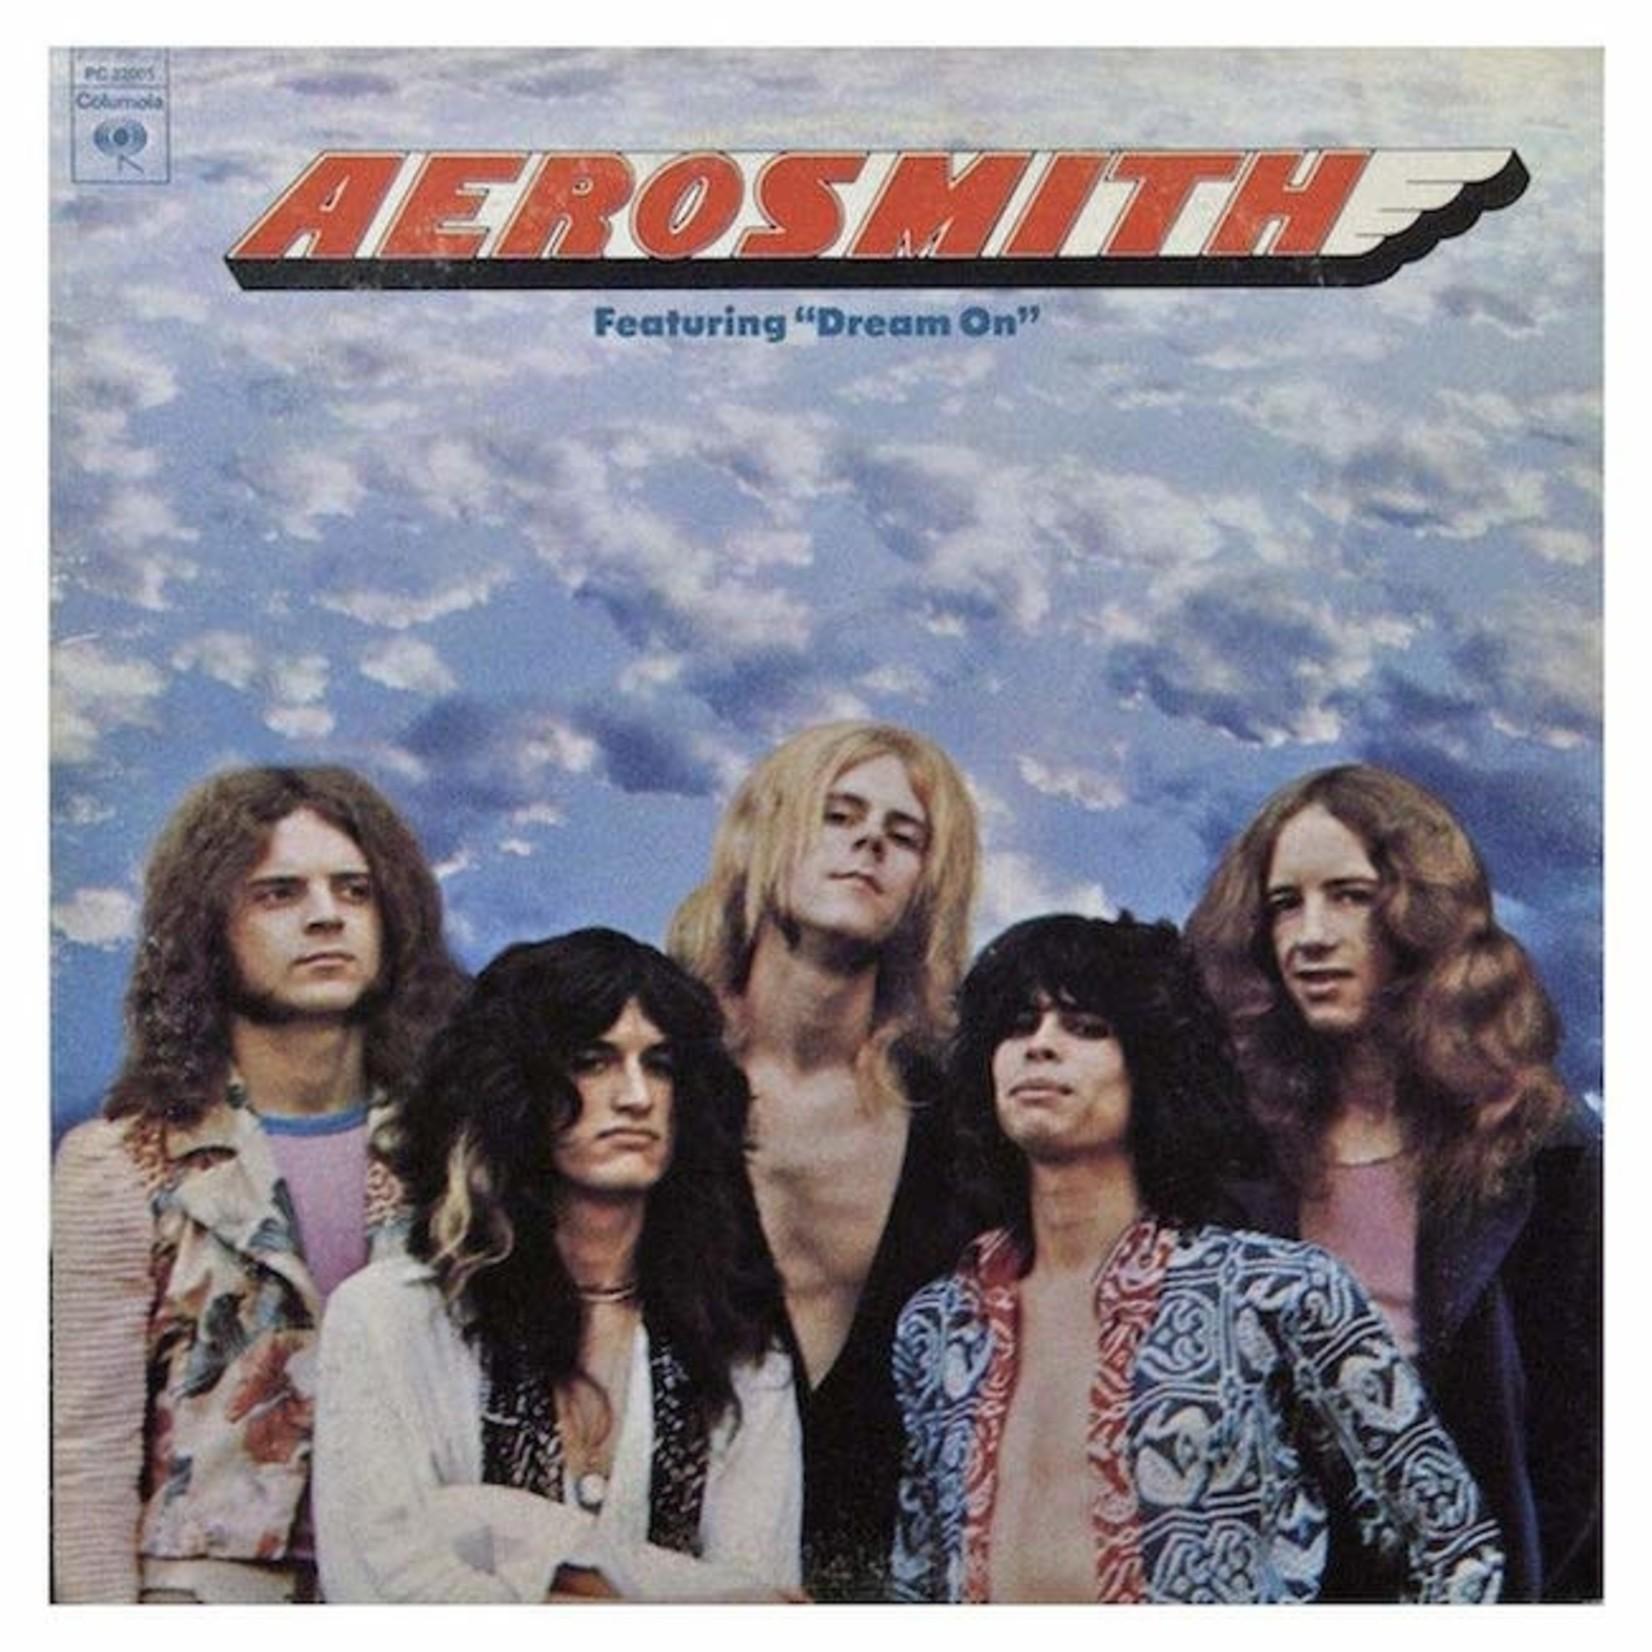 [Vintage] Aerosmith: self-titled (feat. 'Dream On')